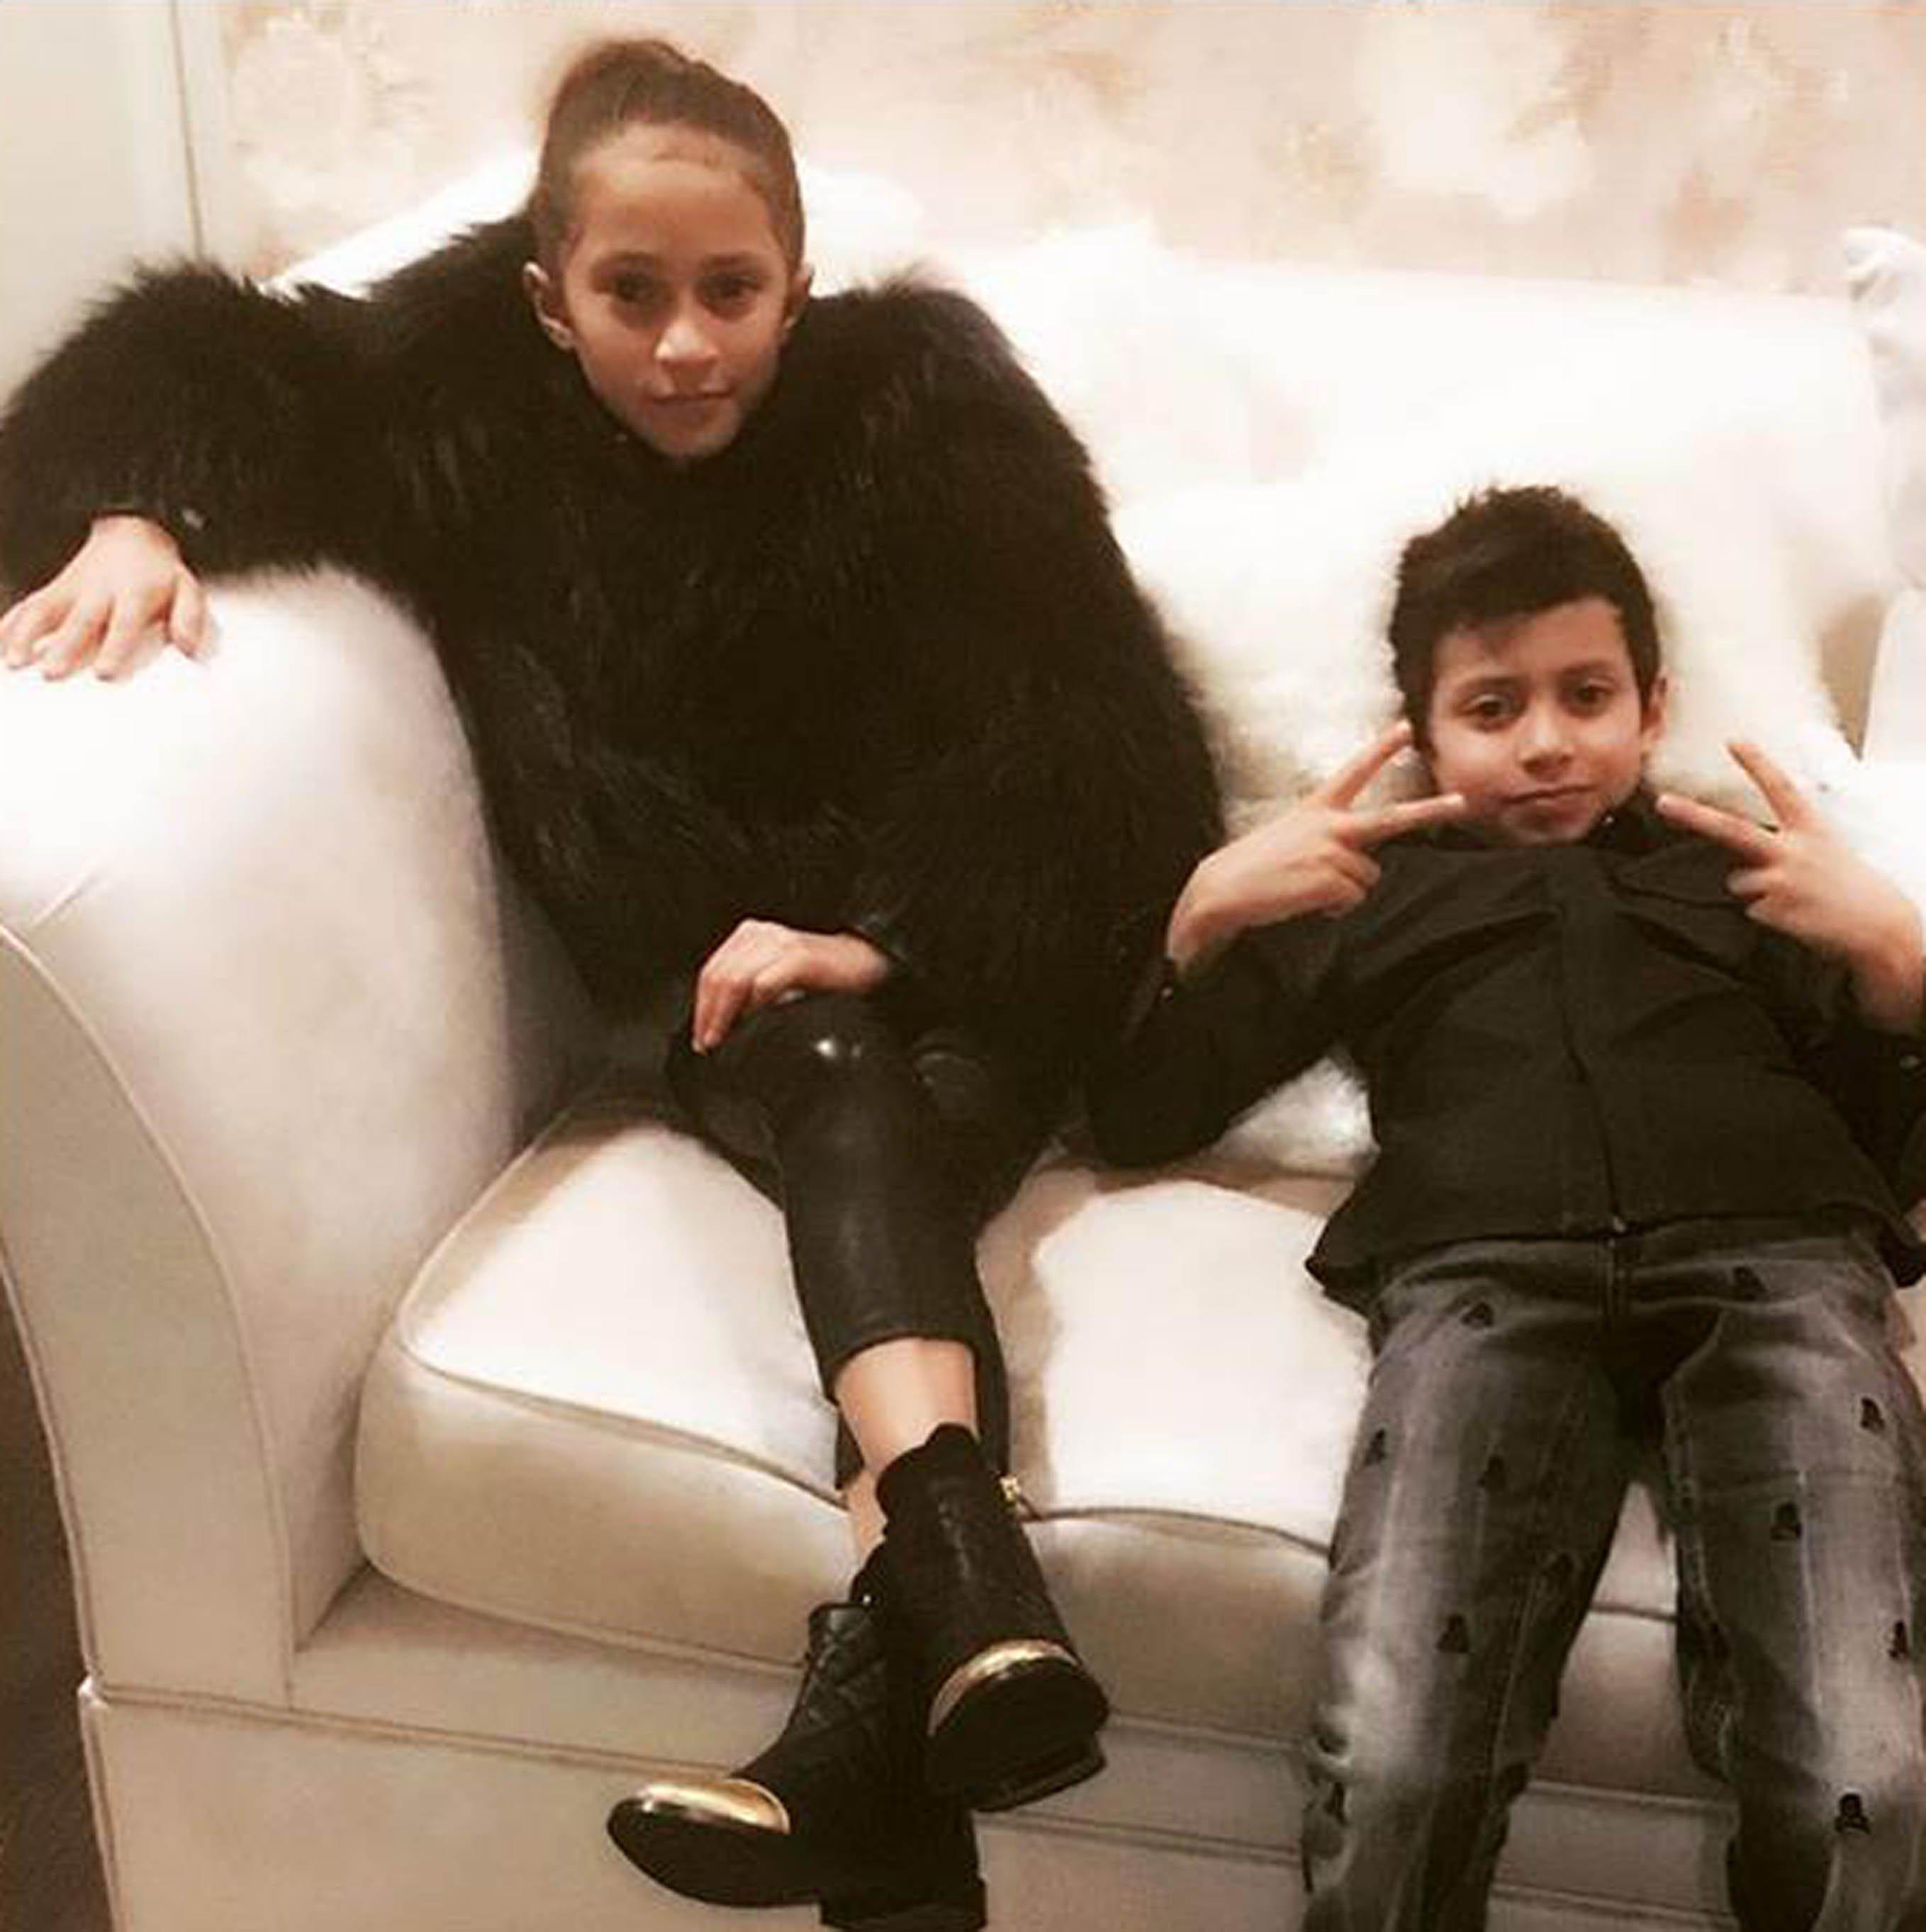 Дженнифер Лопес познакомила Дрейка ссобственными детьми— Все достаточно серьезно